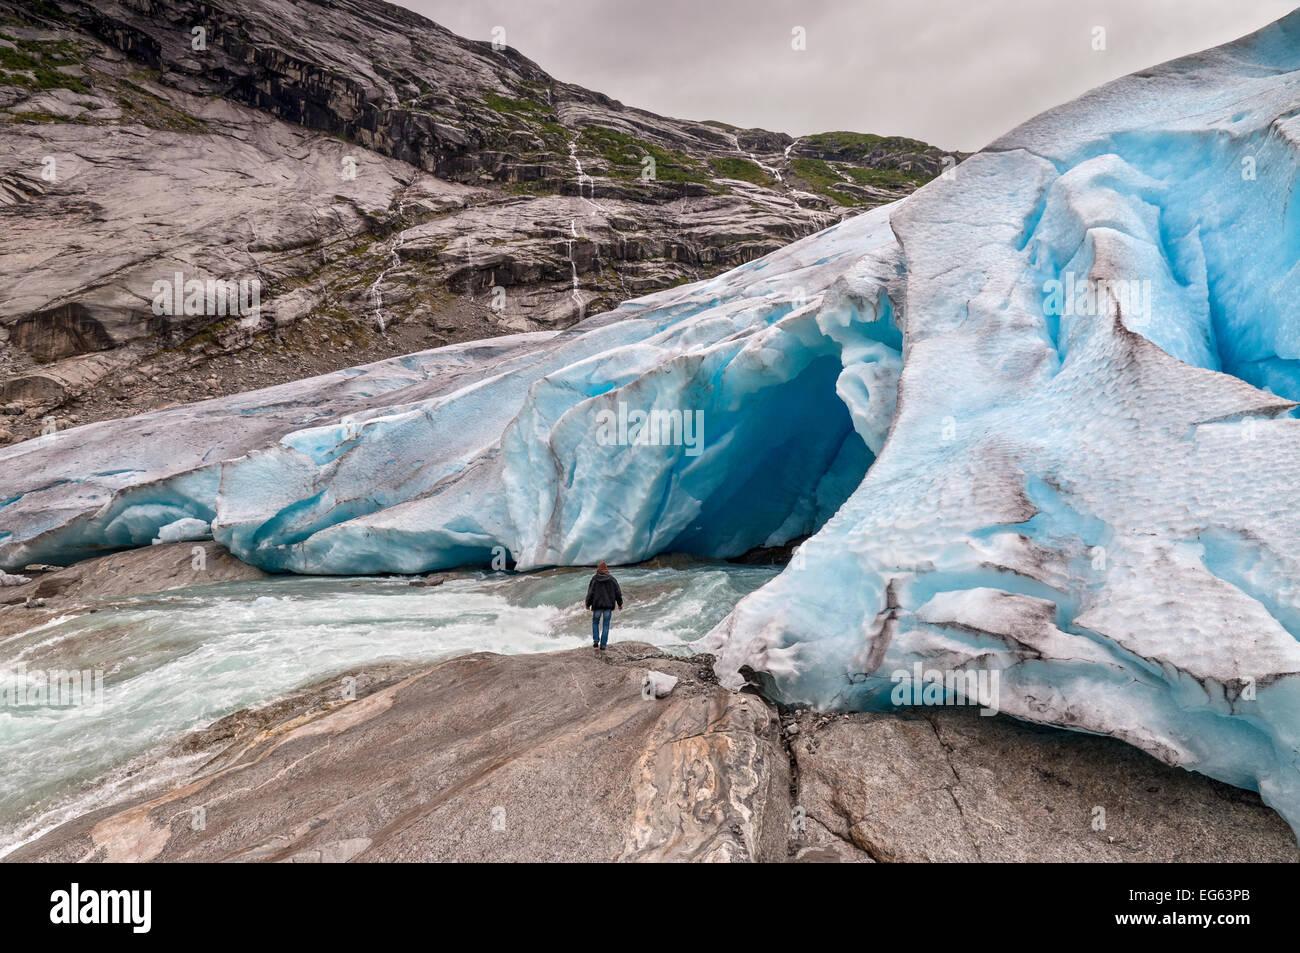 Glaciar Jostedalsbreen con el glaciar río y hombre en Noruega - fusión debido al calentamiento de la tierra. Imagen De Stock